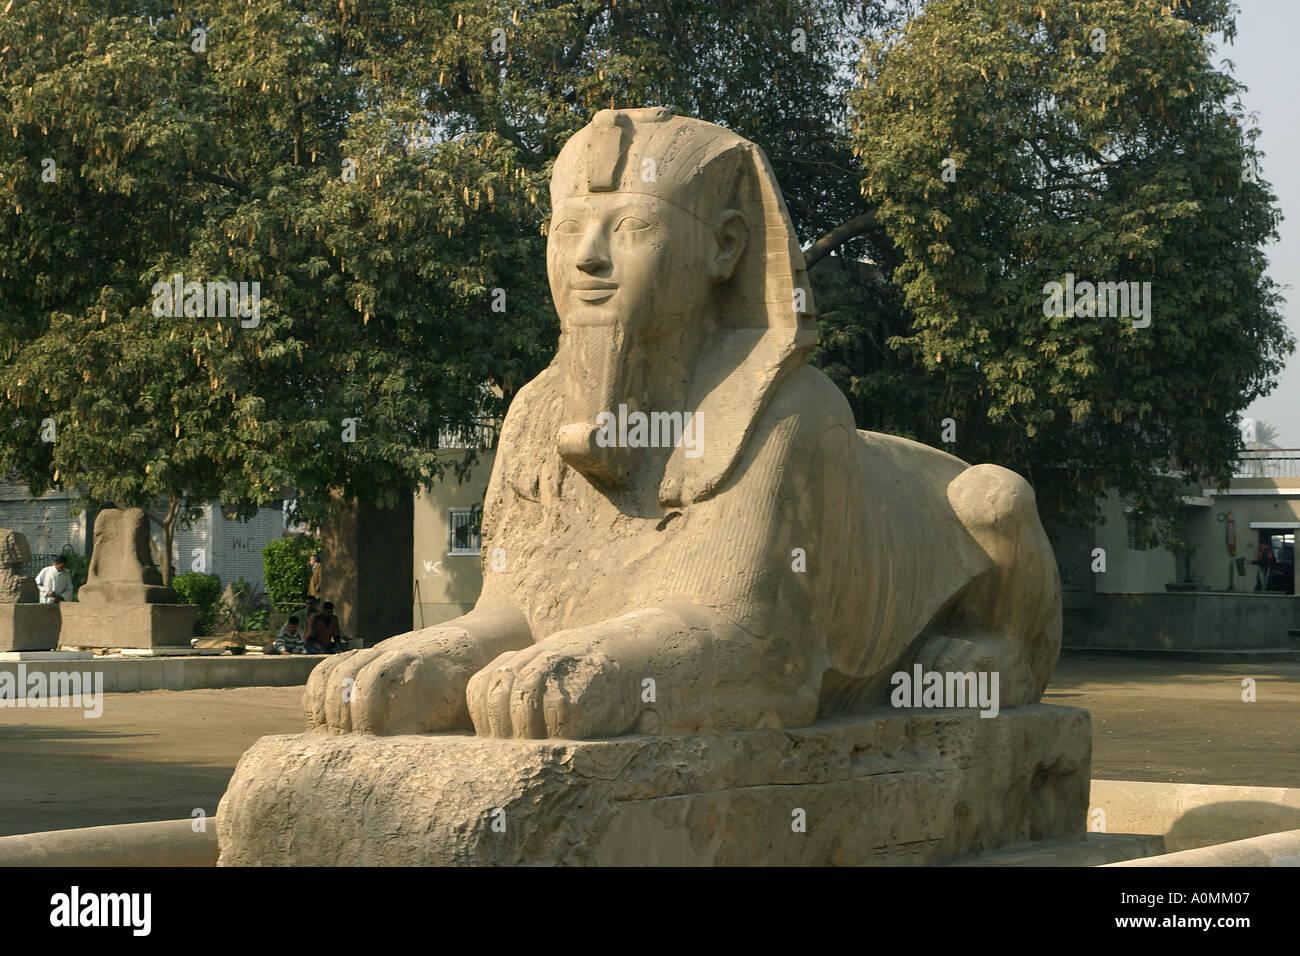 Egypt Memphis Sphinx - Stock Image